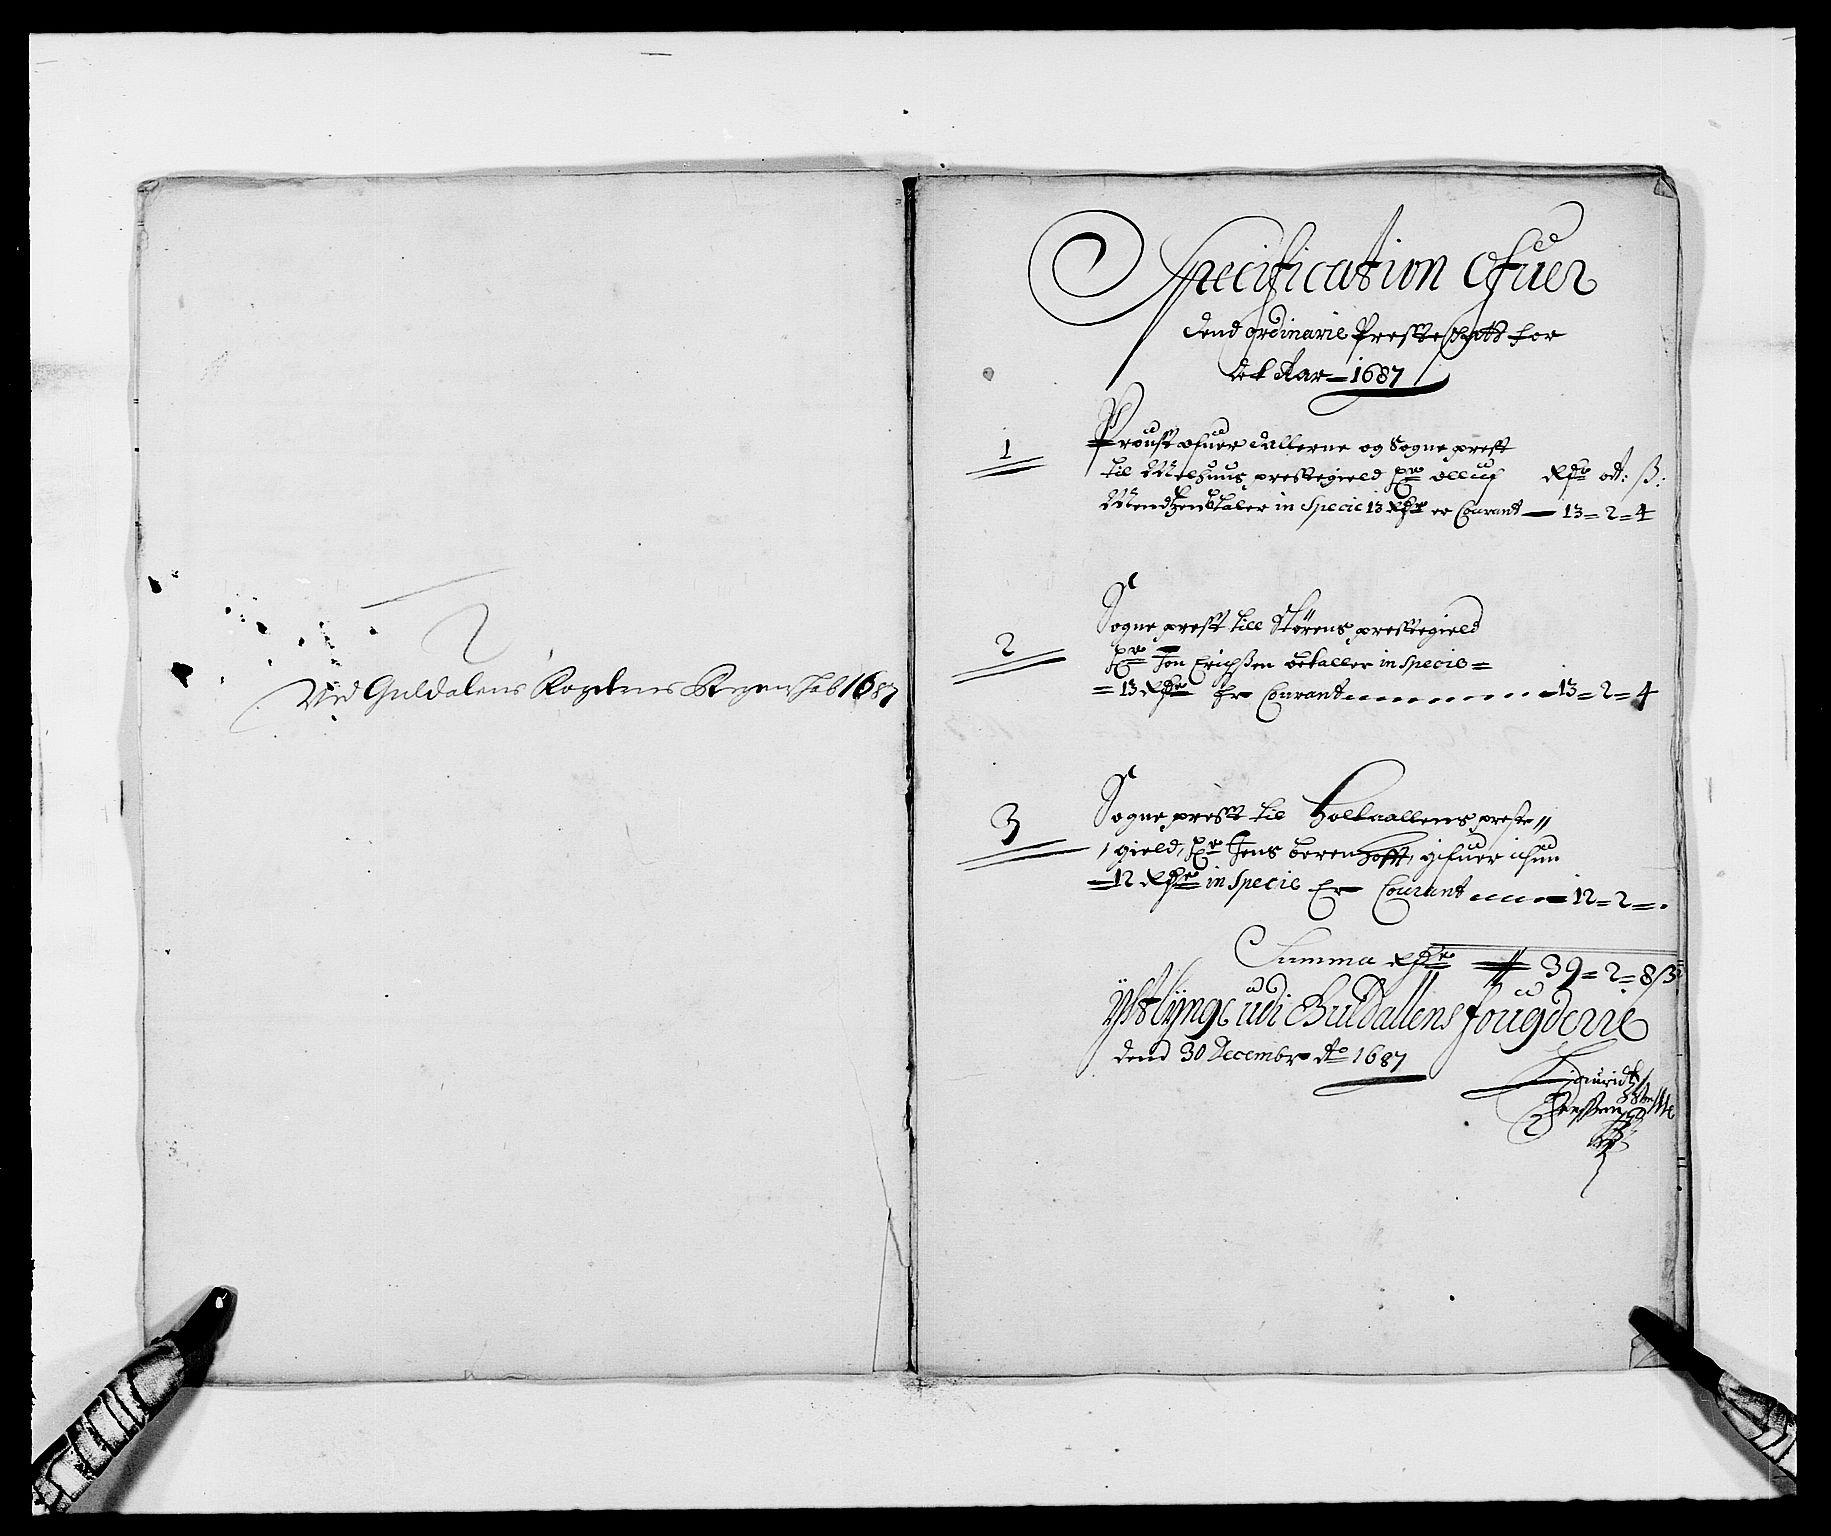 RA, Rentekammeret inntil 1814, Reviderte regnskaper, Fogderegnskap, R59/L3939: Fogderegnskap Gauldal, 1687-1688, s. 11